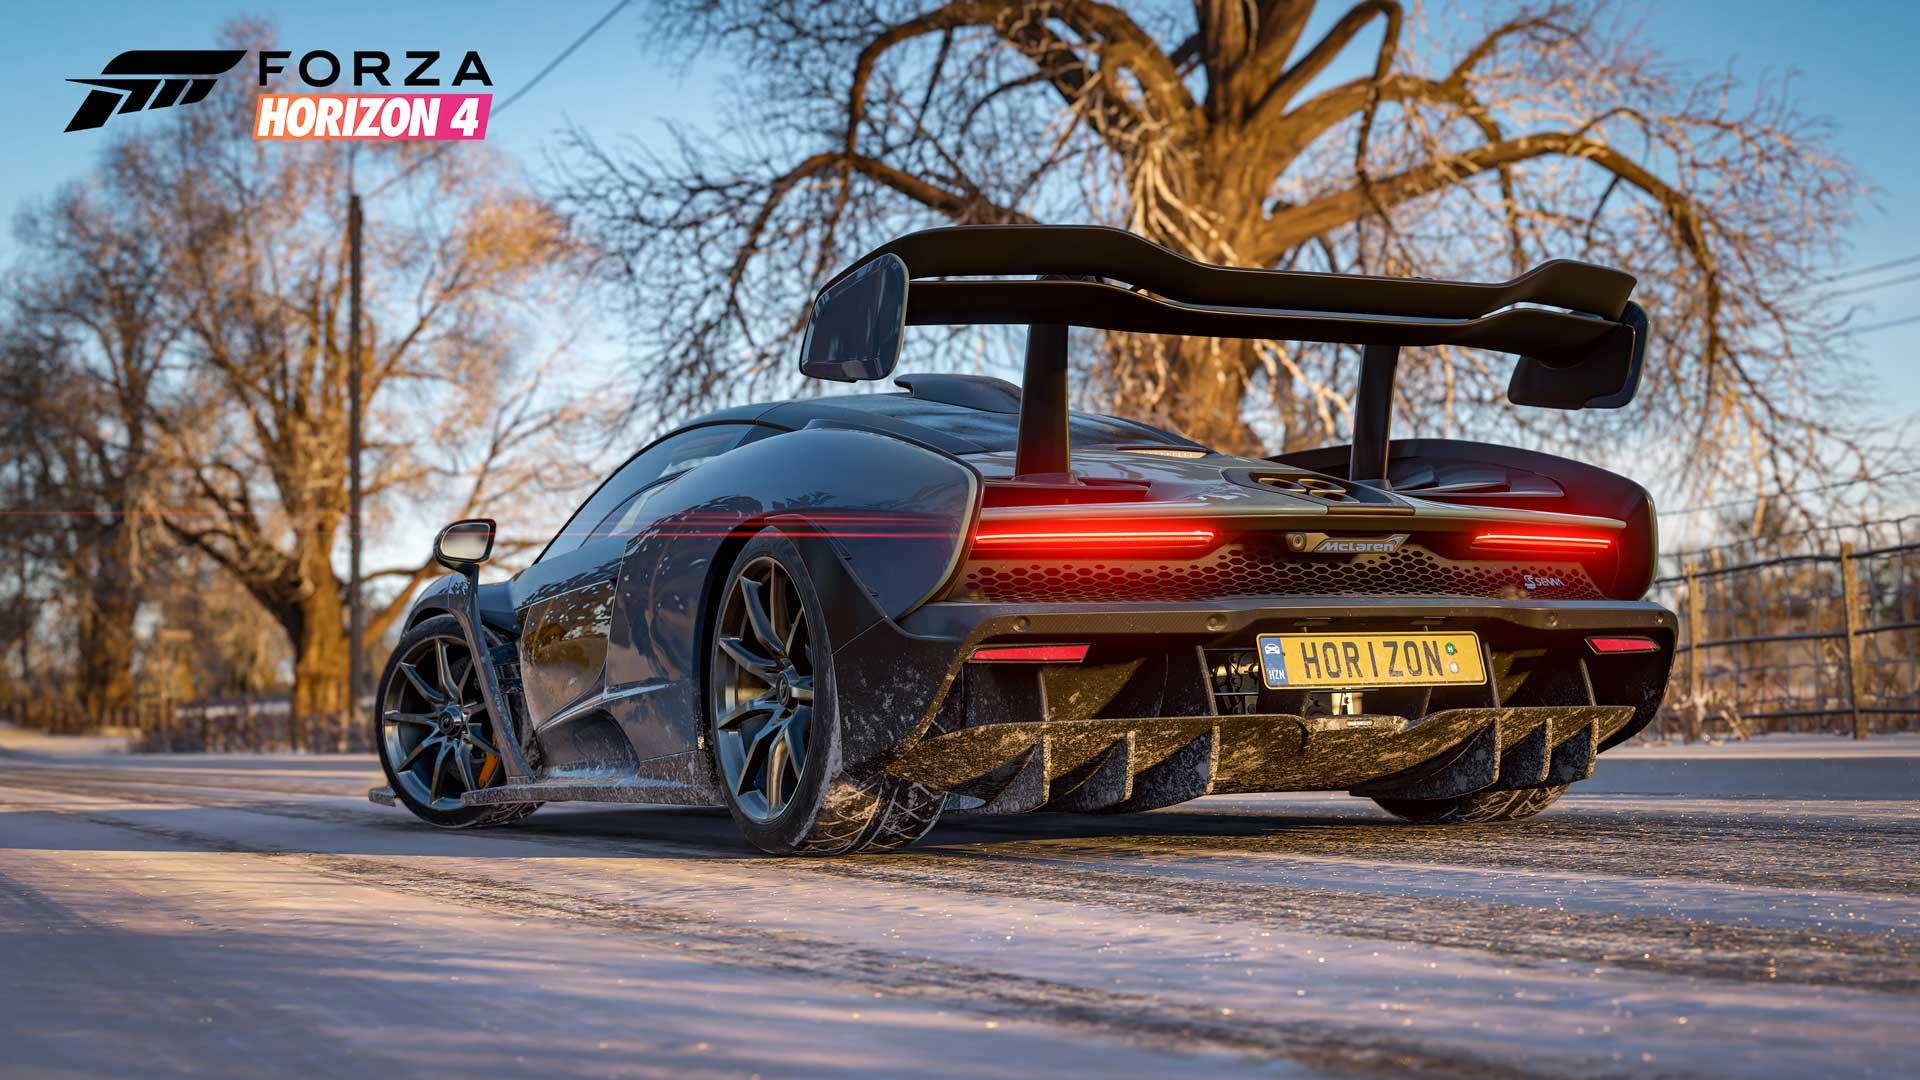 The crazy world of Forza Horizon 4